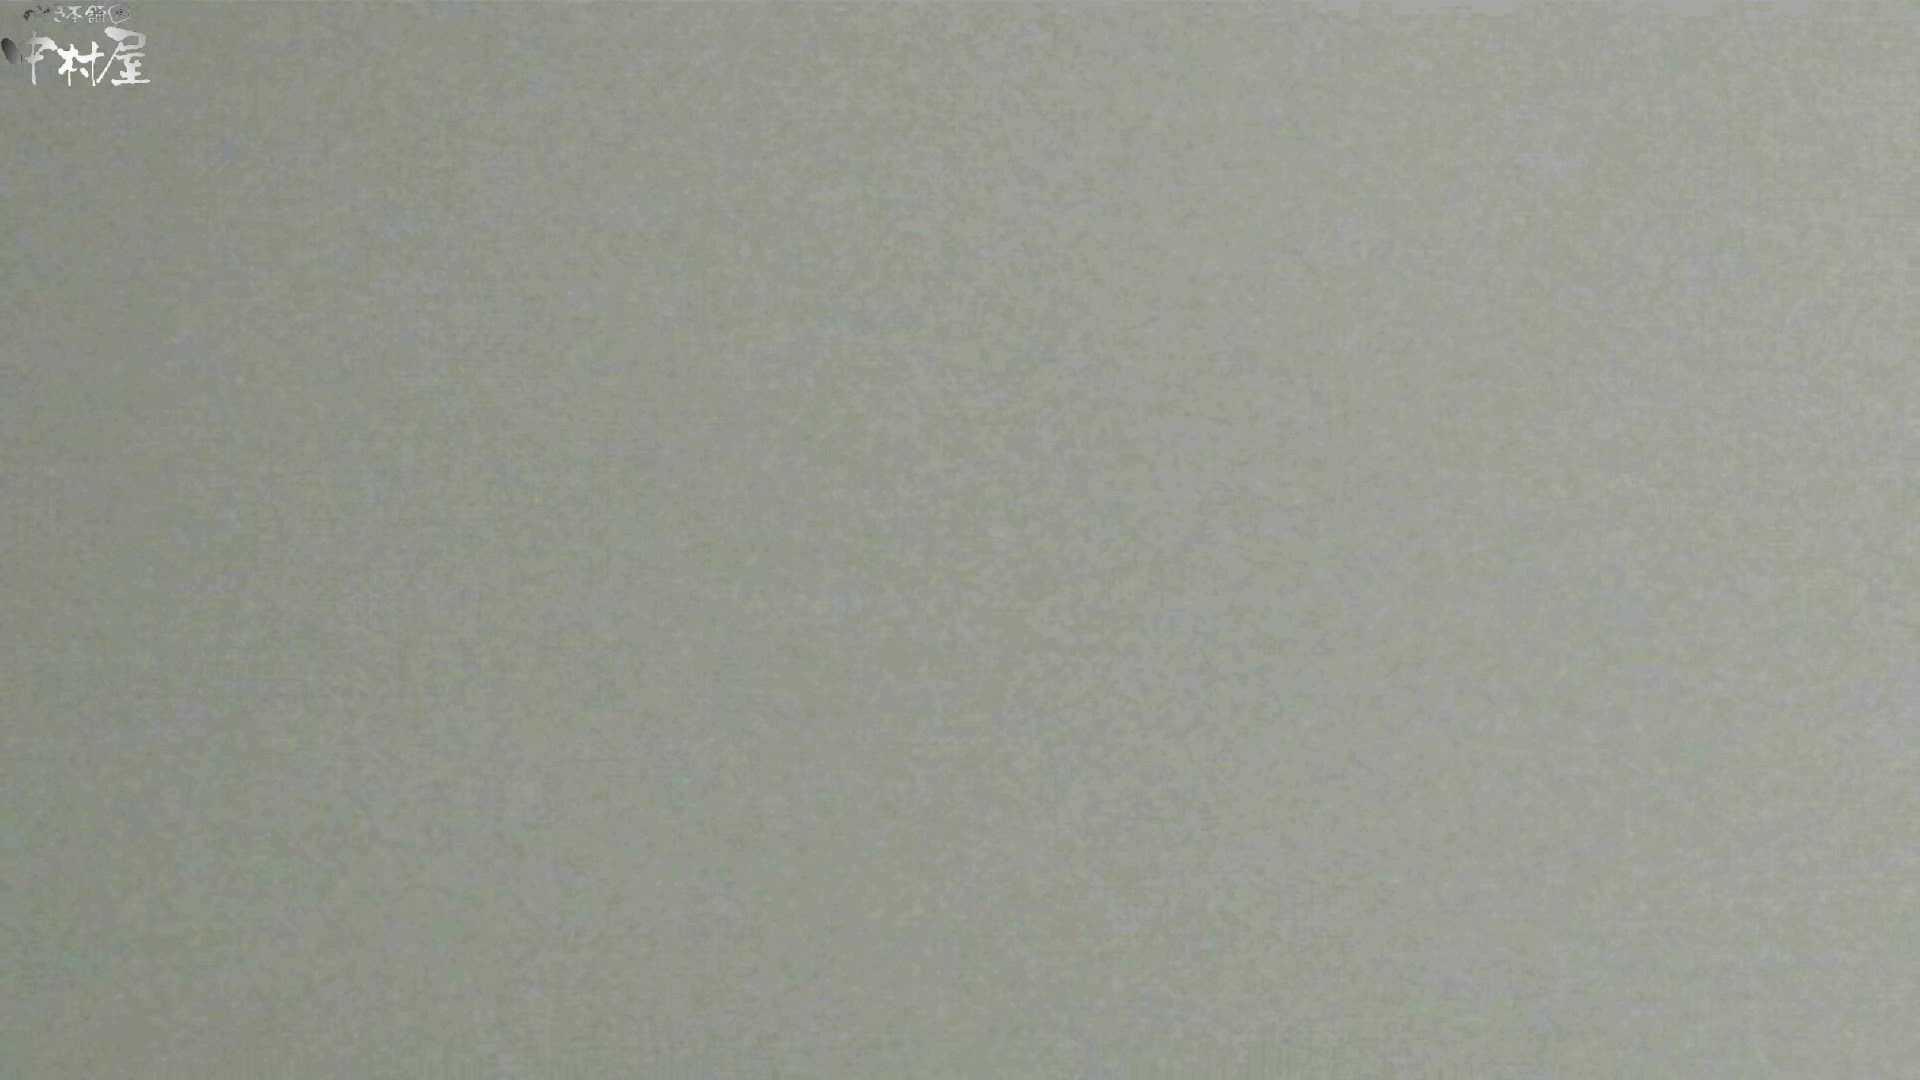 お市さんの「お尻丸出しジャンボリー」No.03 マンコエロすぎ すけべAV動画紹介 94PIX 59